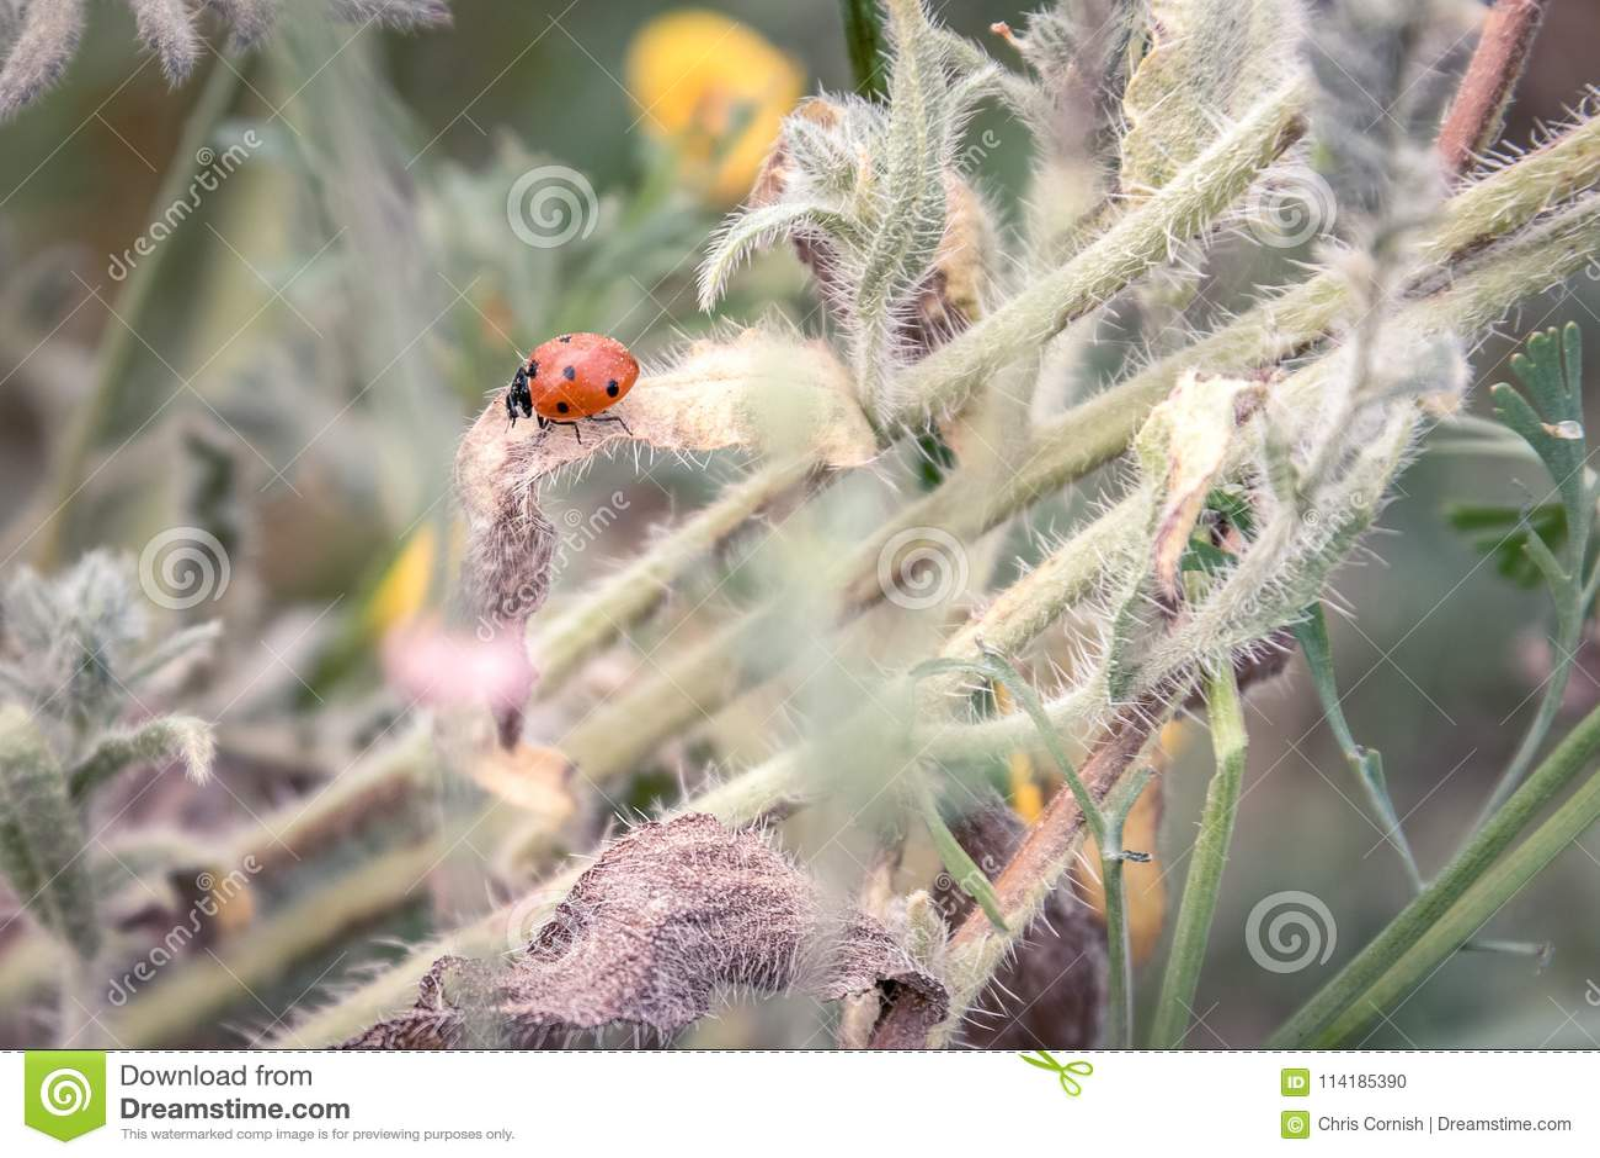 De lentetak met een lieveheersbeestje en de lentebloemen in backgroun